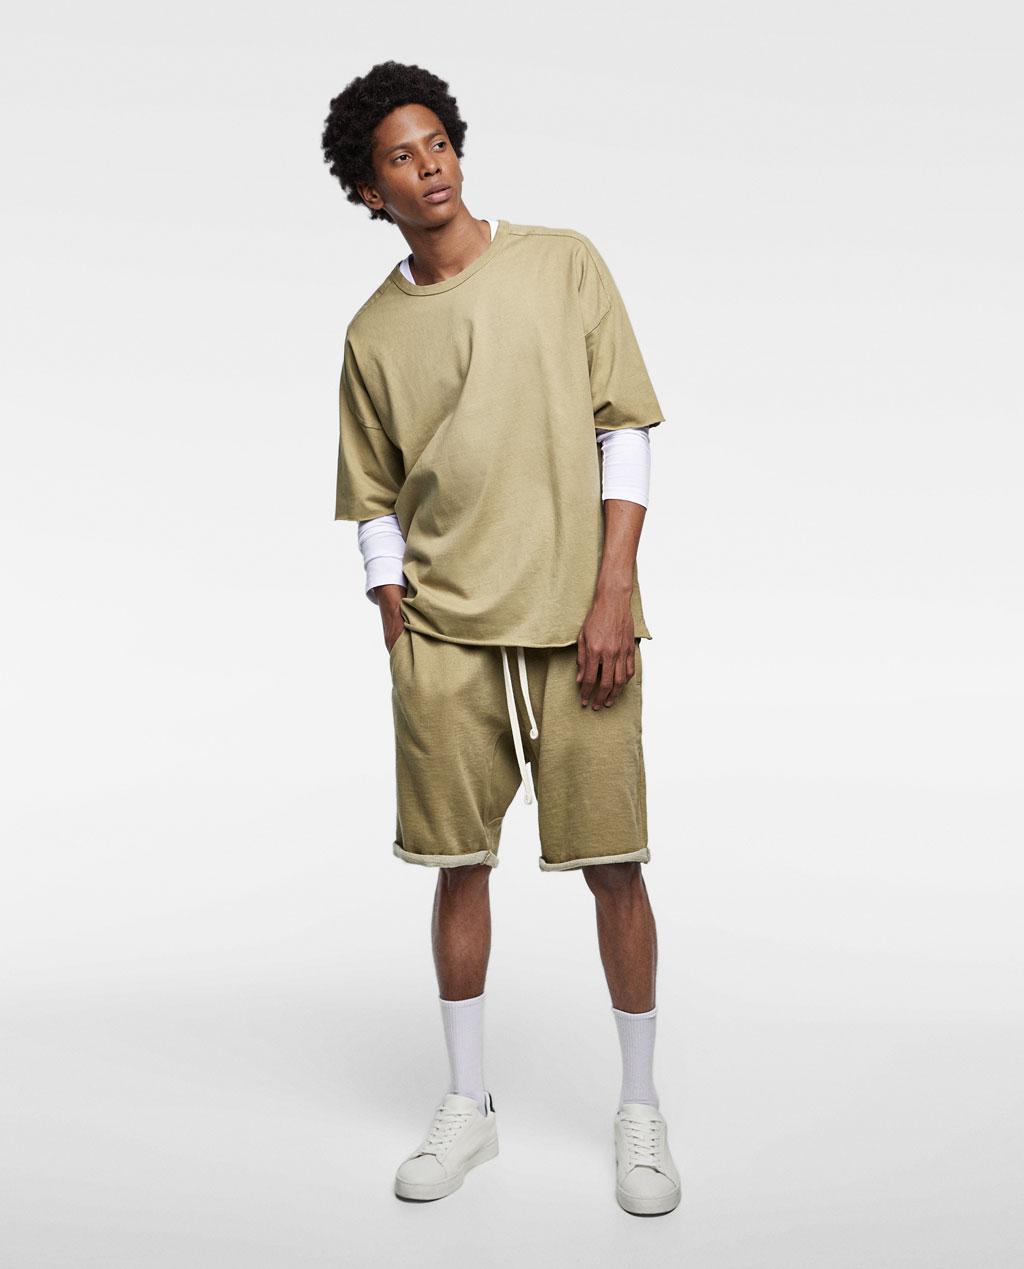 Thời trang nam Zara  24016 - ảnh 3